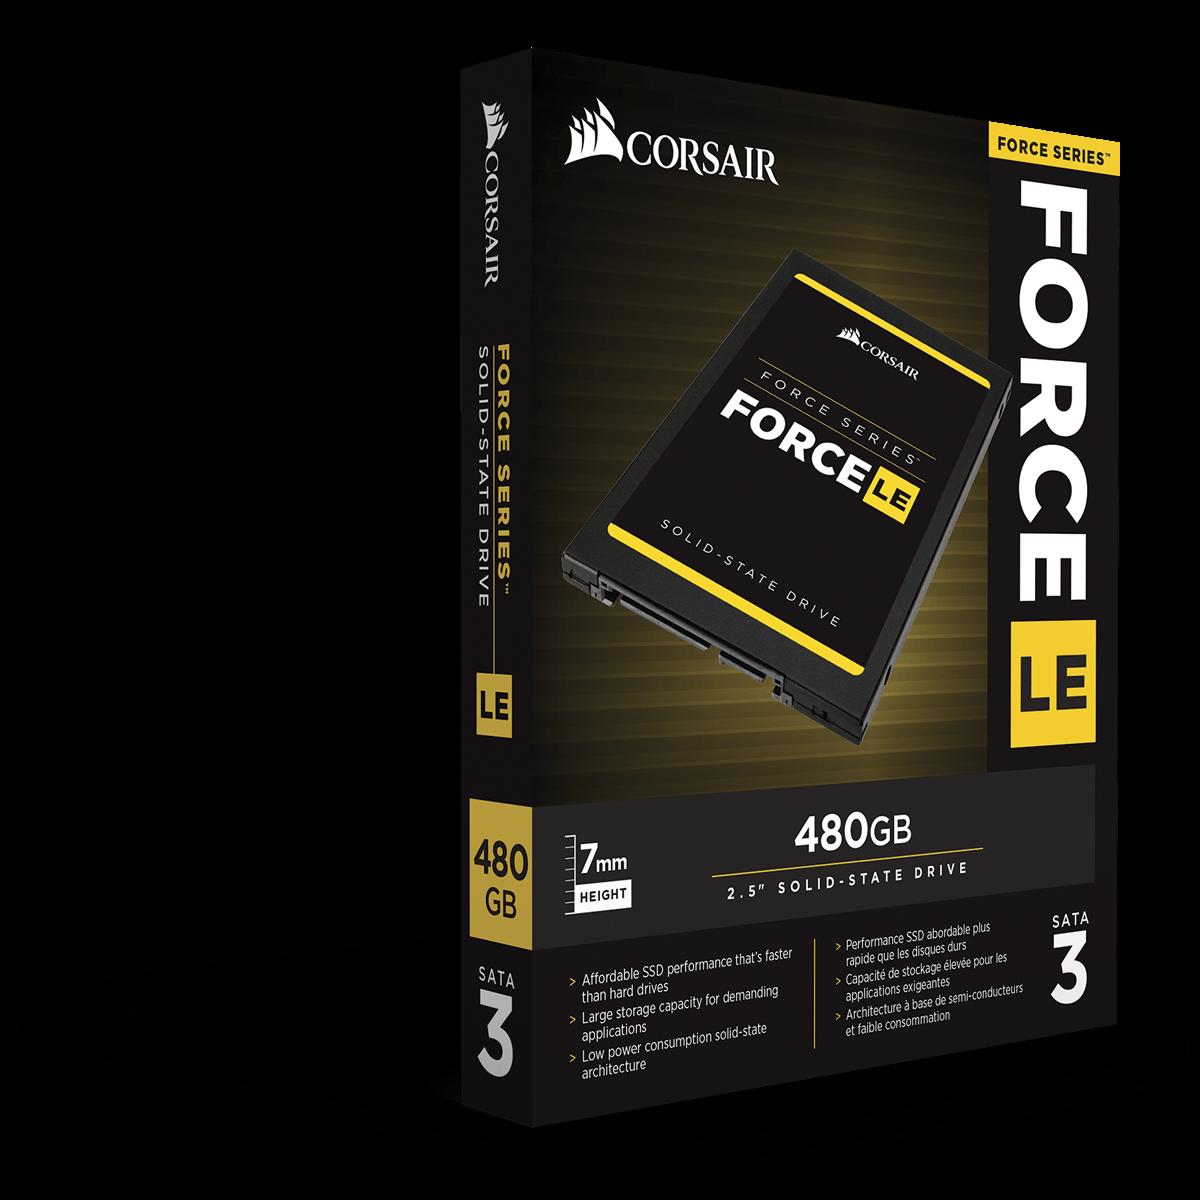 Corsair Force Series LE 480GB SATA 3 6Gb / S SSD